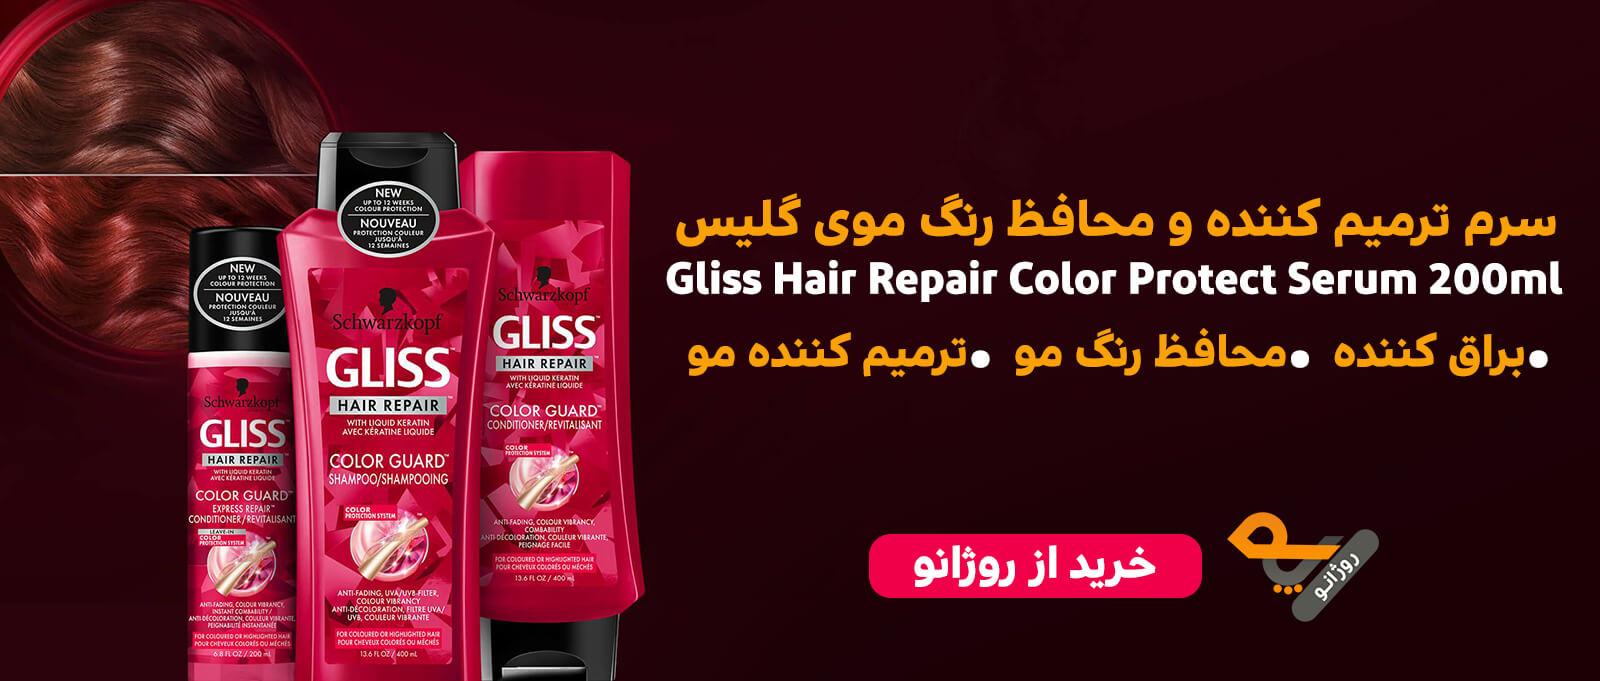 سرم موی گلیس مناسب موهای رنگ شده Color Protect حجم 200ml